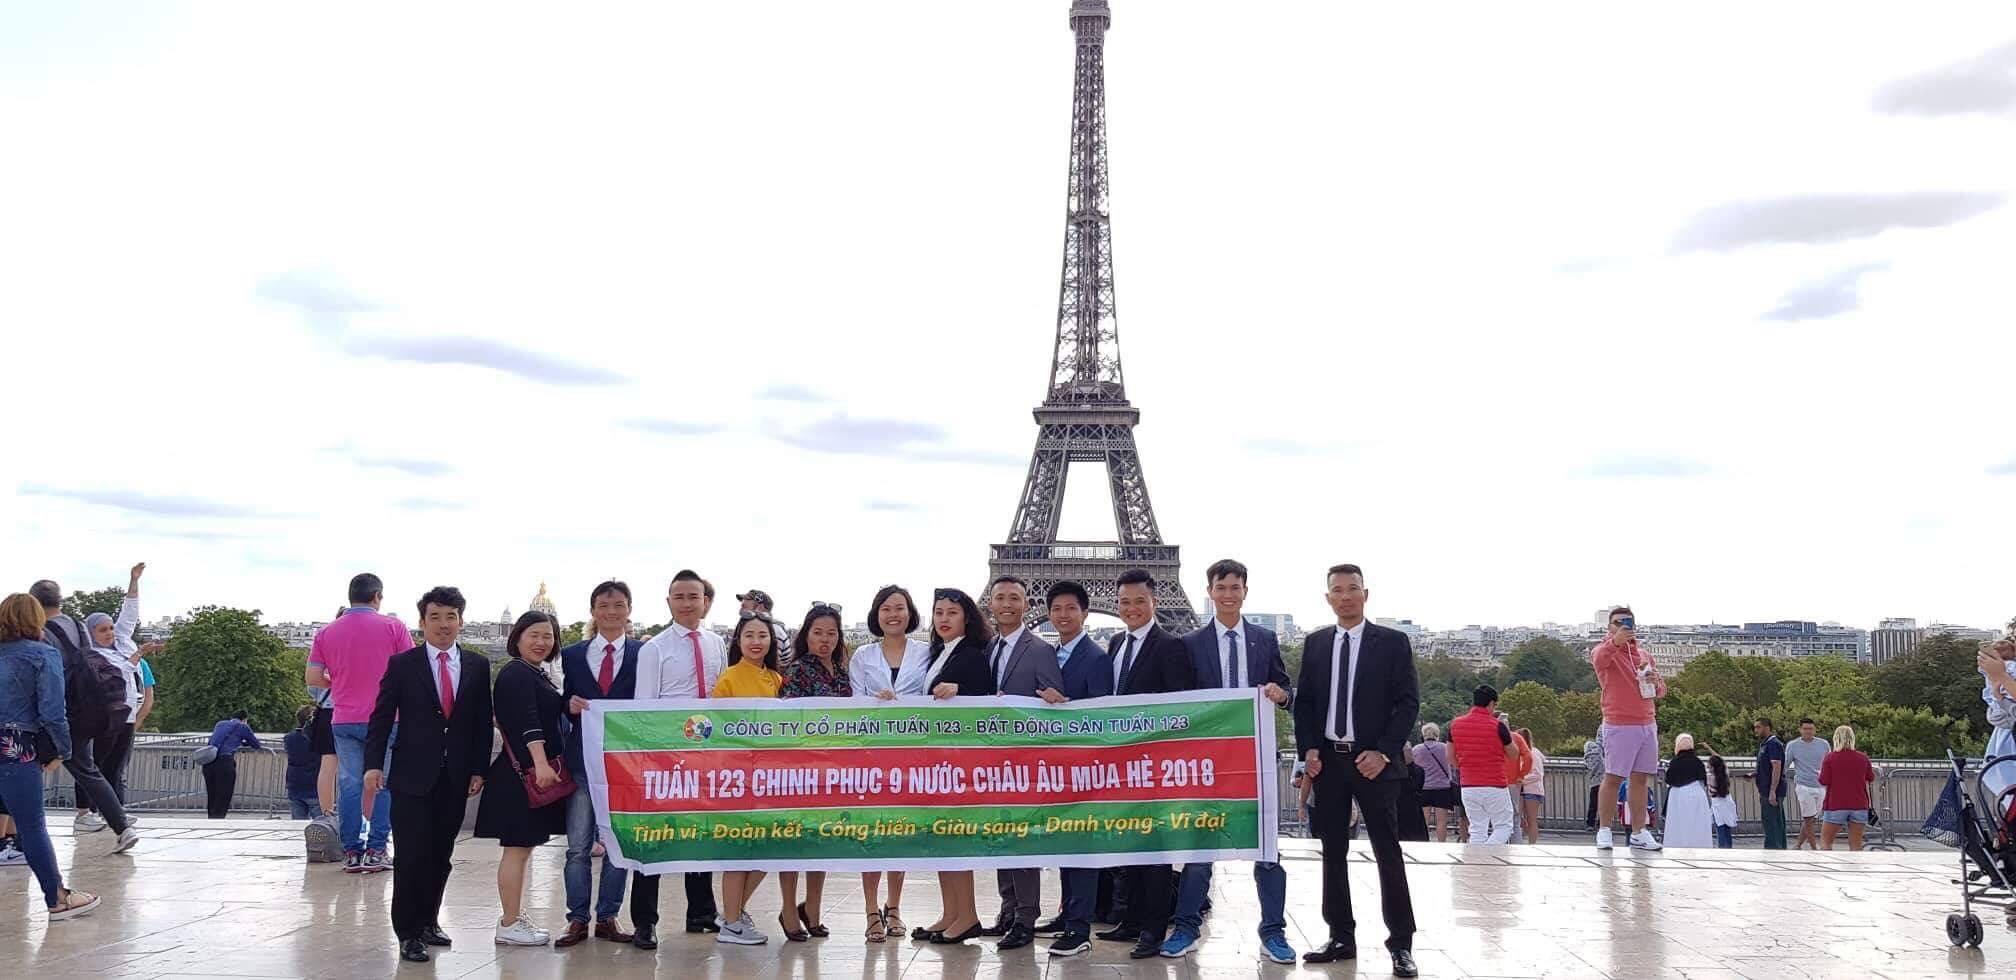 Bất động sản Tuấn 123 chinh phục Châu Âu hè 2018